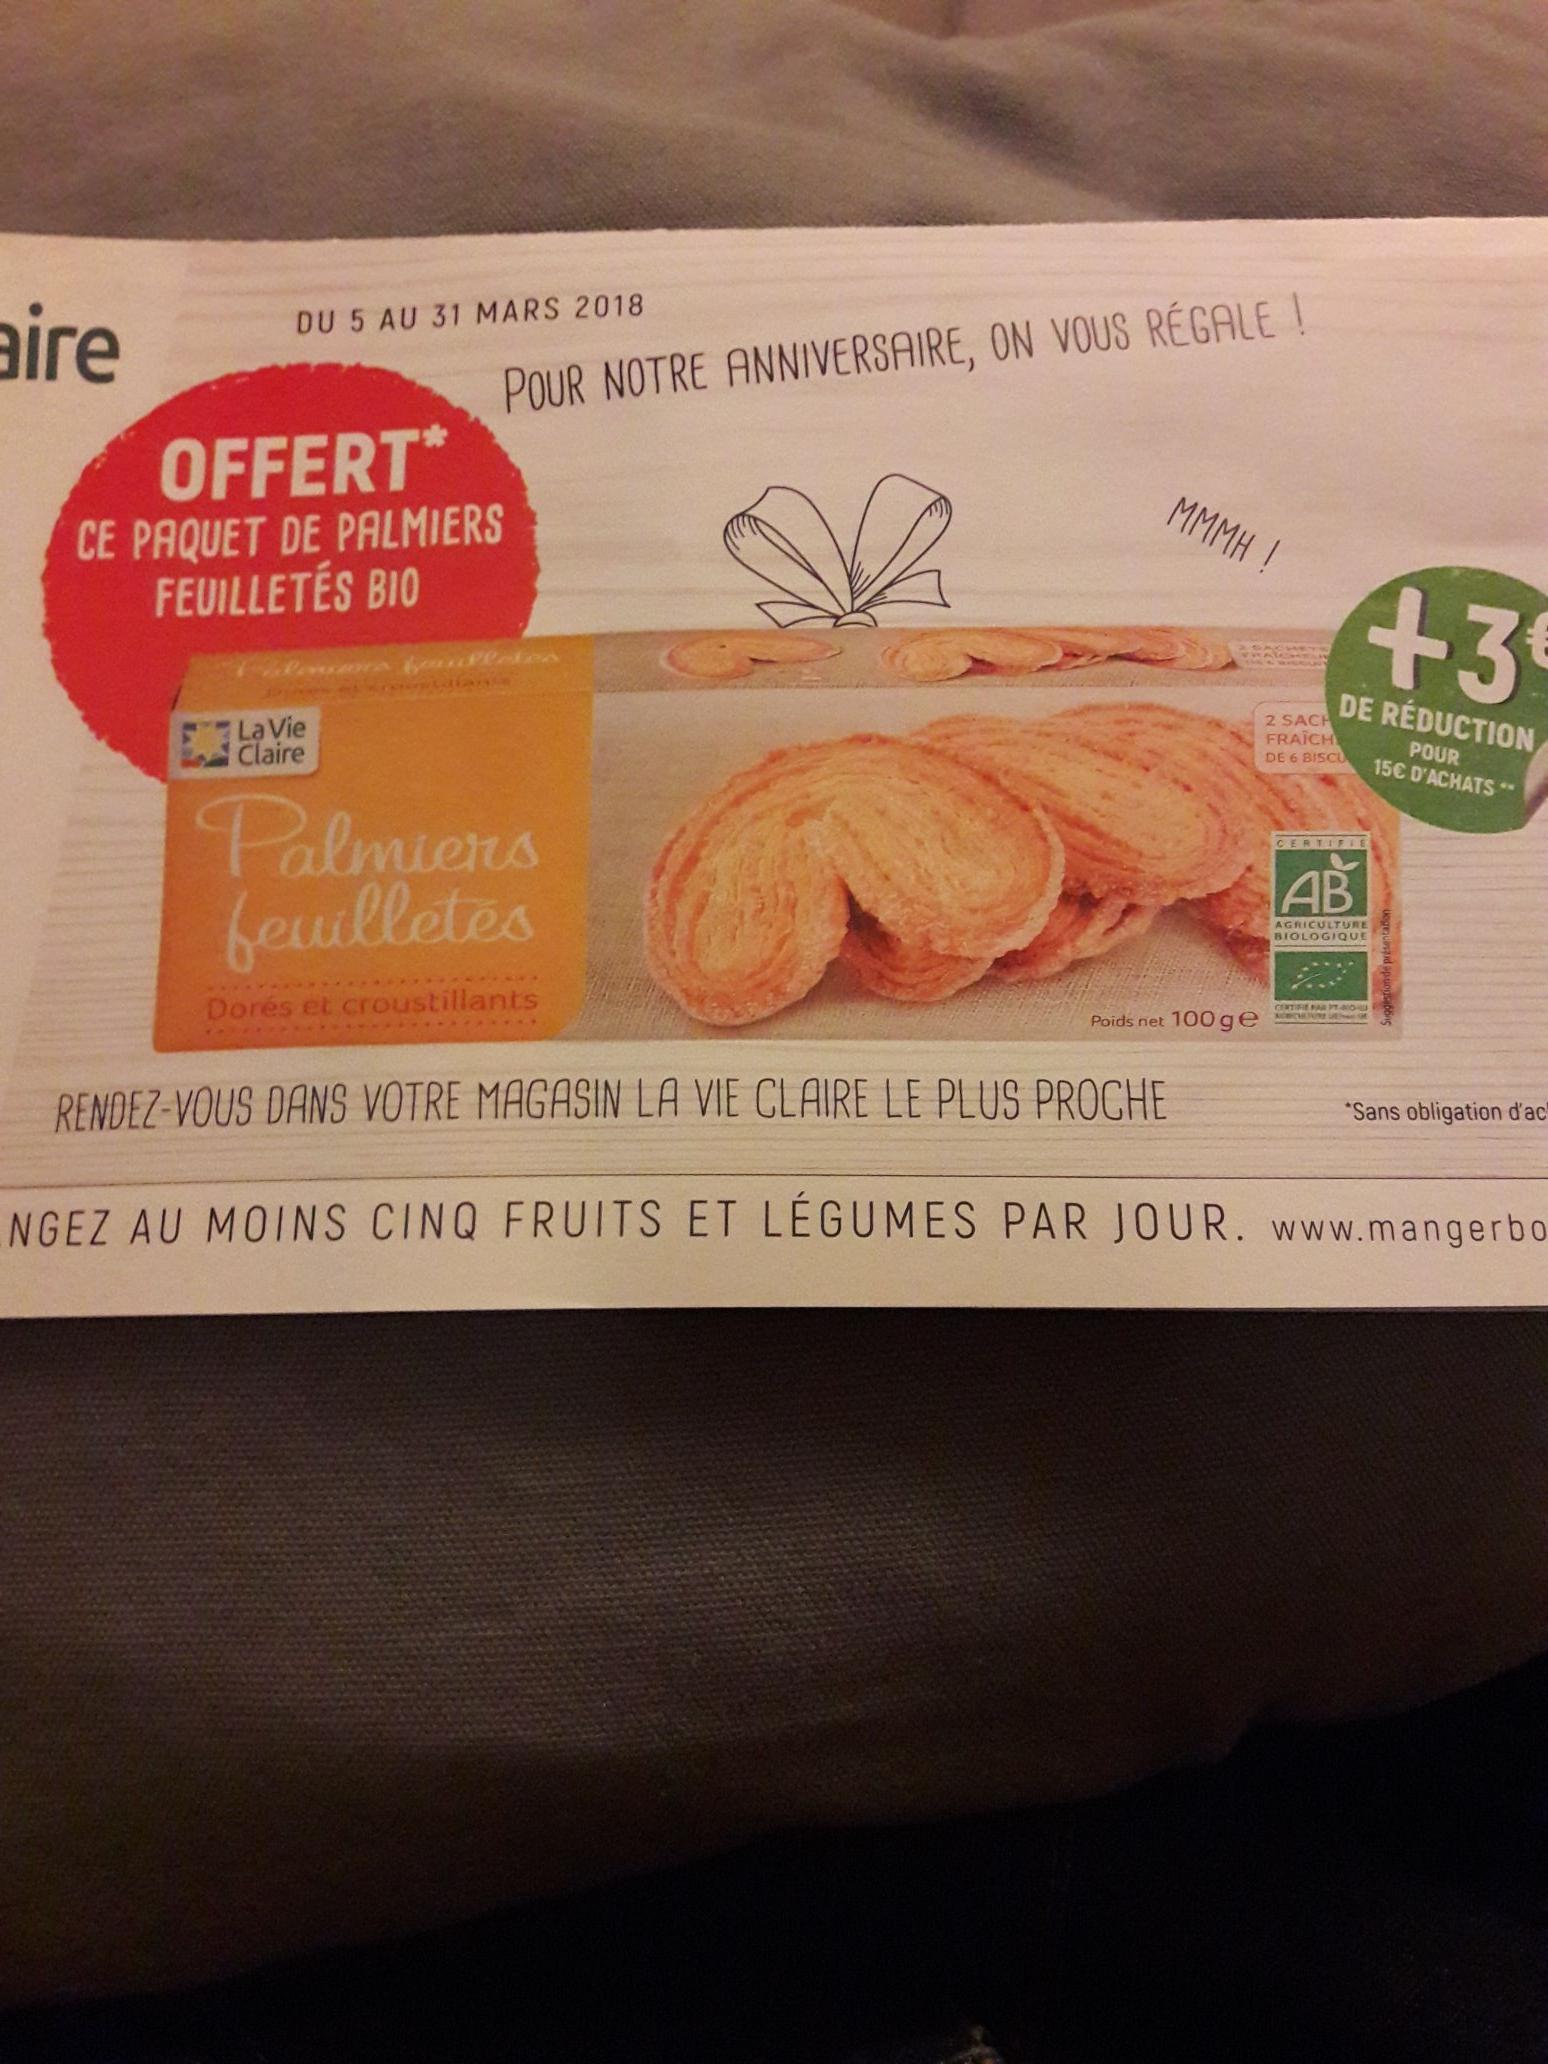 Paquet de palmiers offert - La Vie Claire